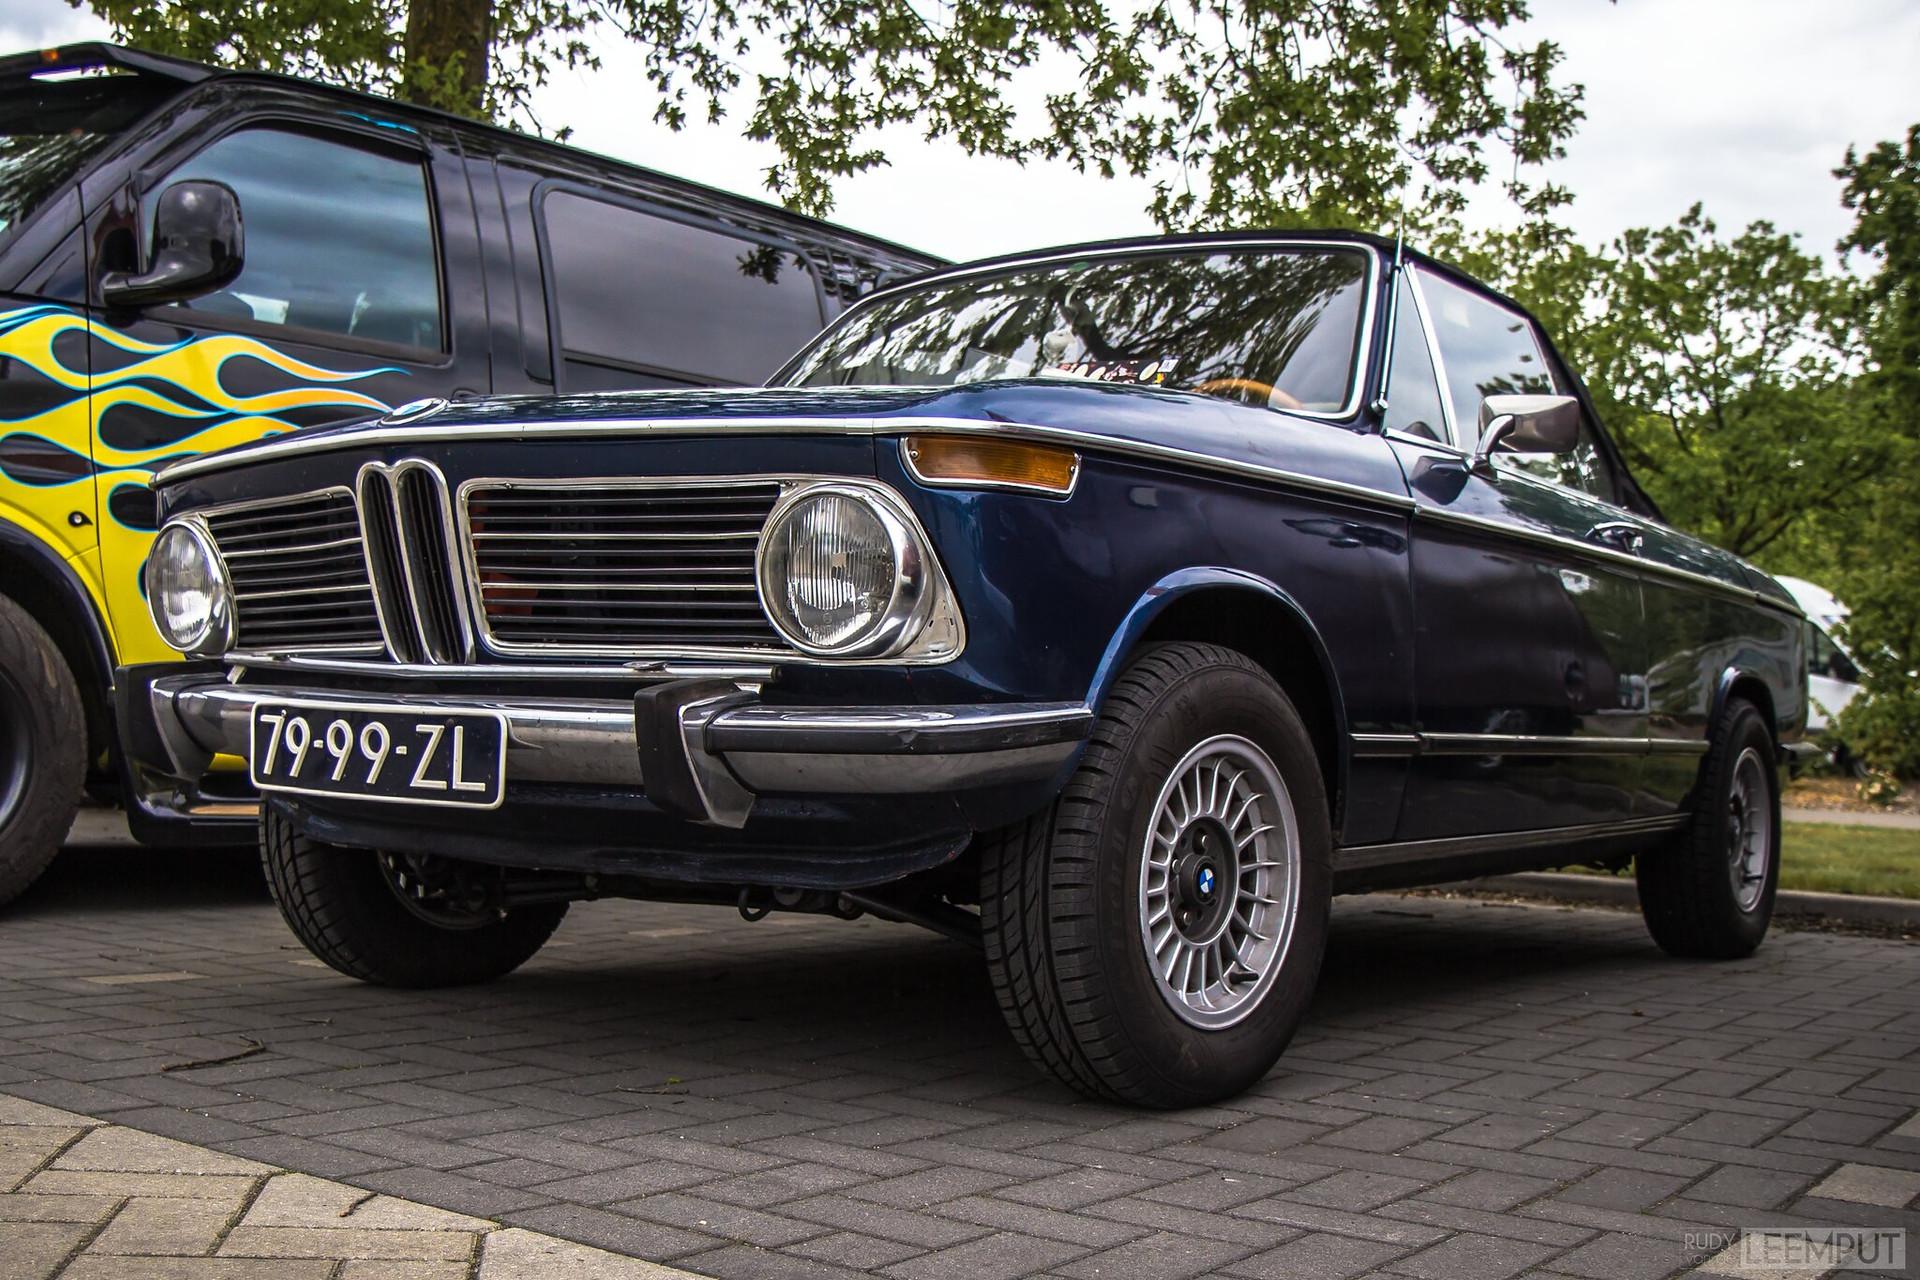 1973   79-99-ZL   BMW 2002